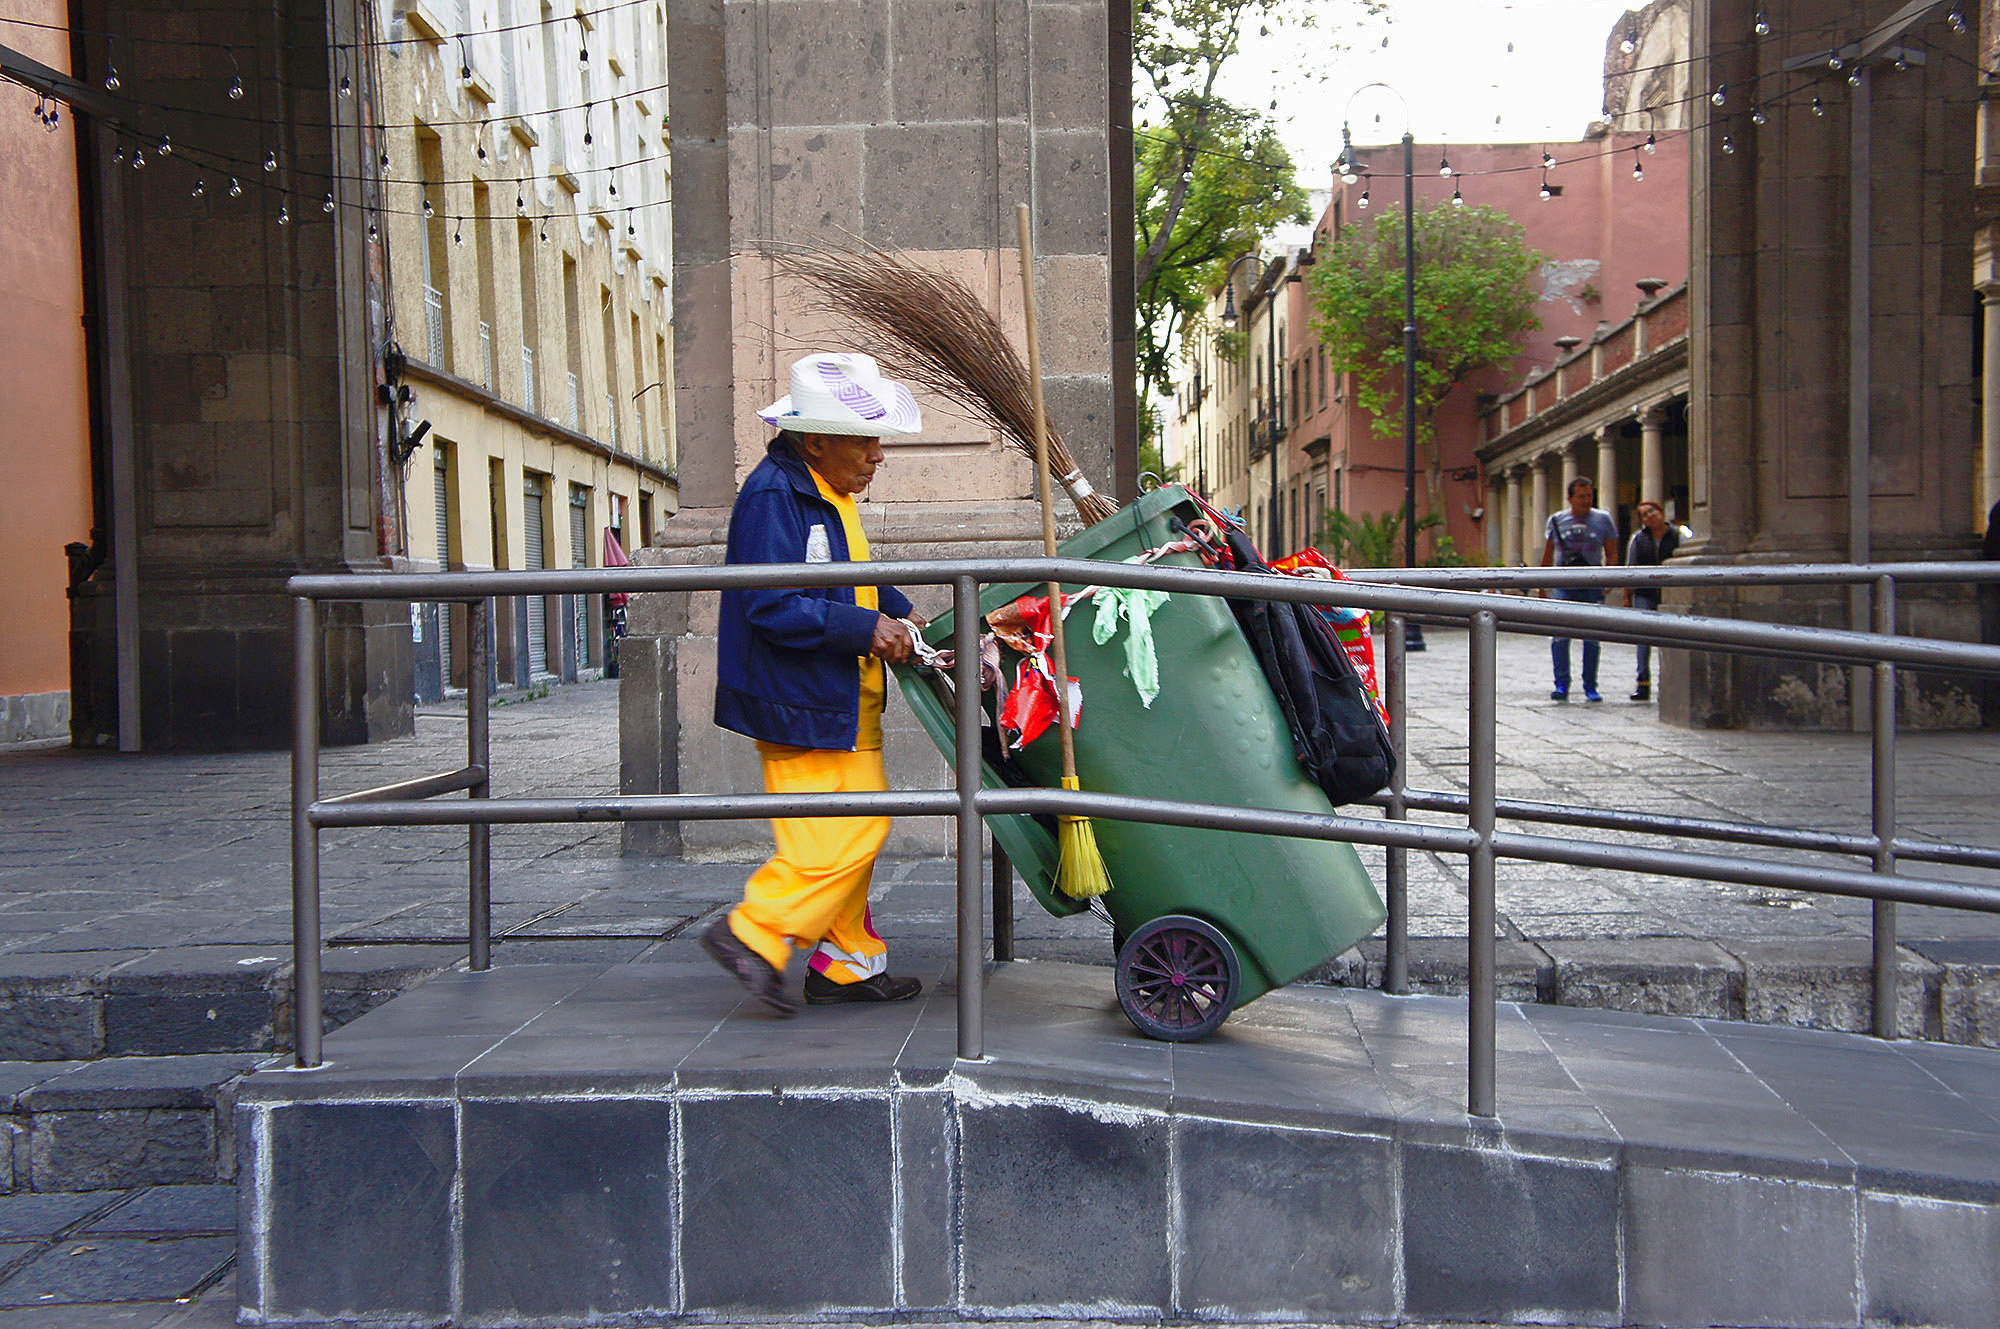 Нельзя сказать, что уборщики не работают...